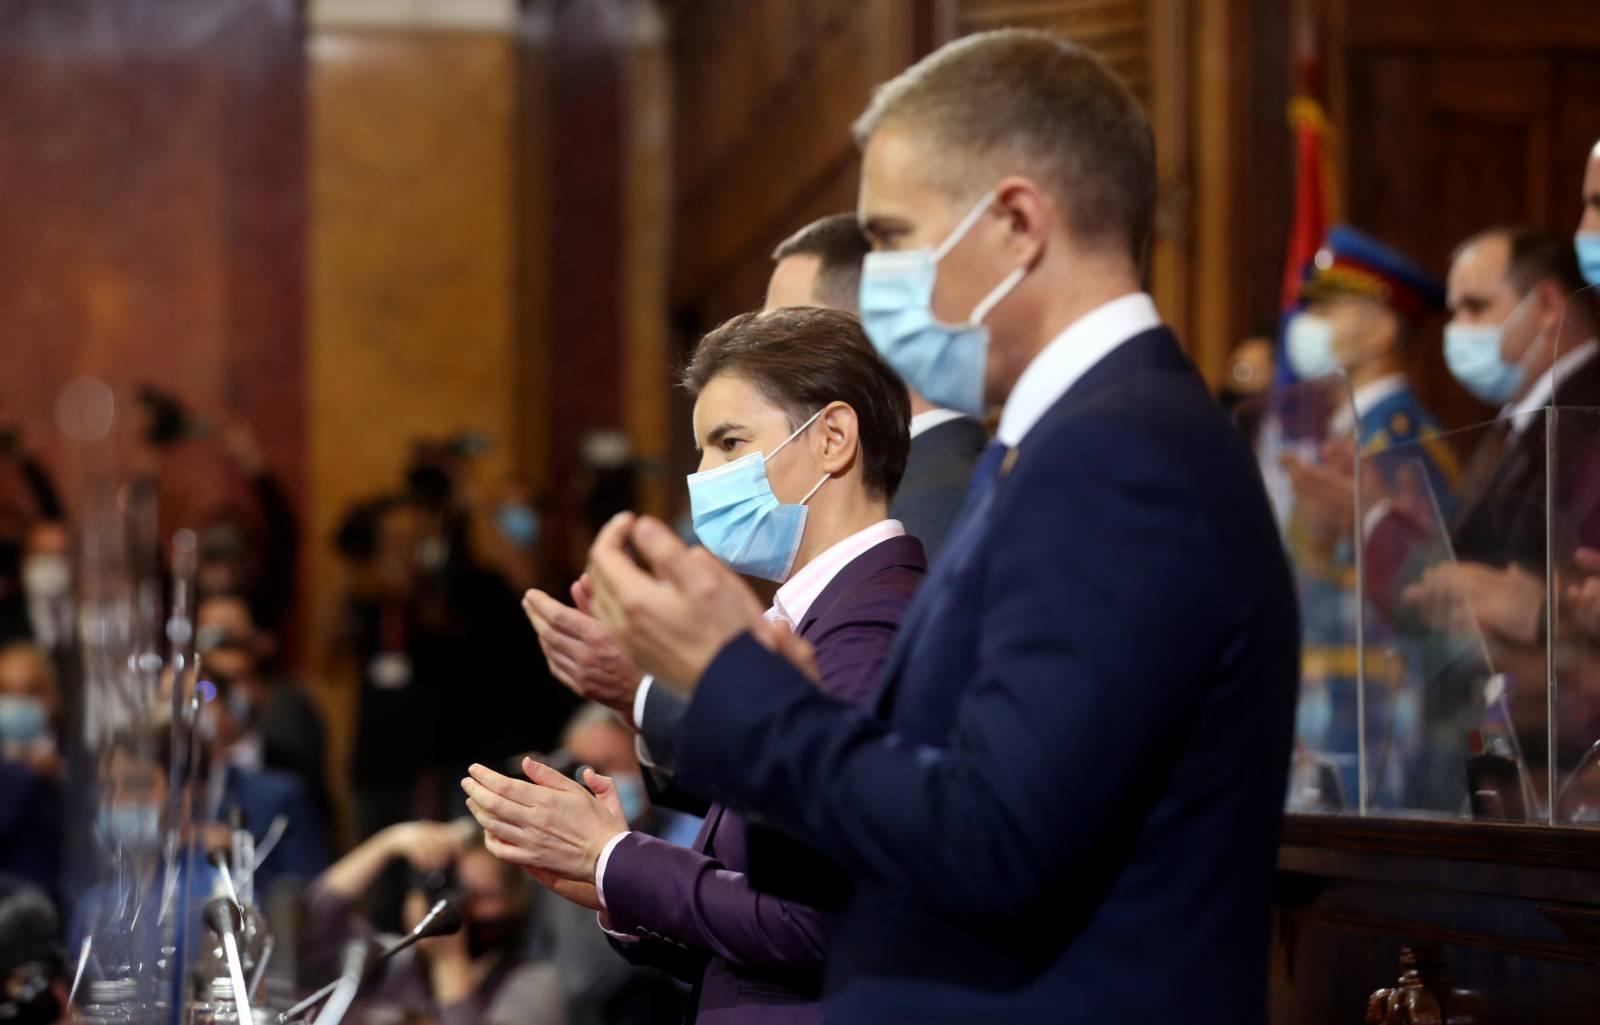 10月28日,塞爾維亞總理布爾納比奇(中)和新一屆政府成員在首都貝爾格萊德宣誓就職。(新華社)